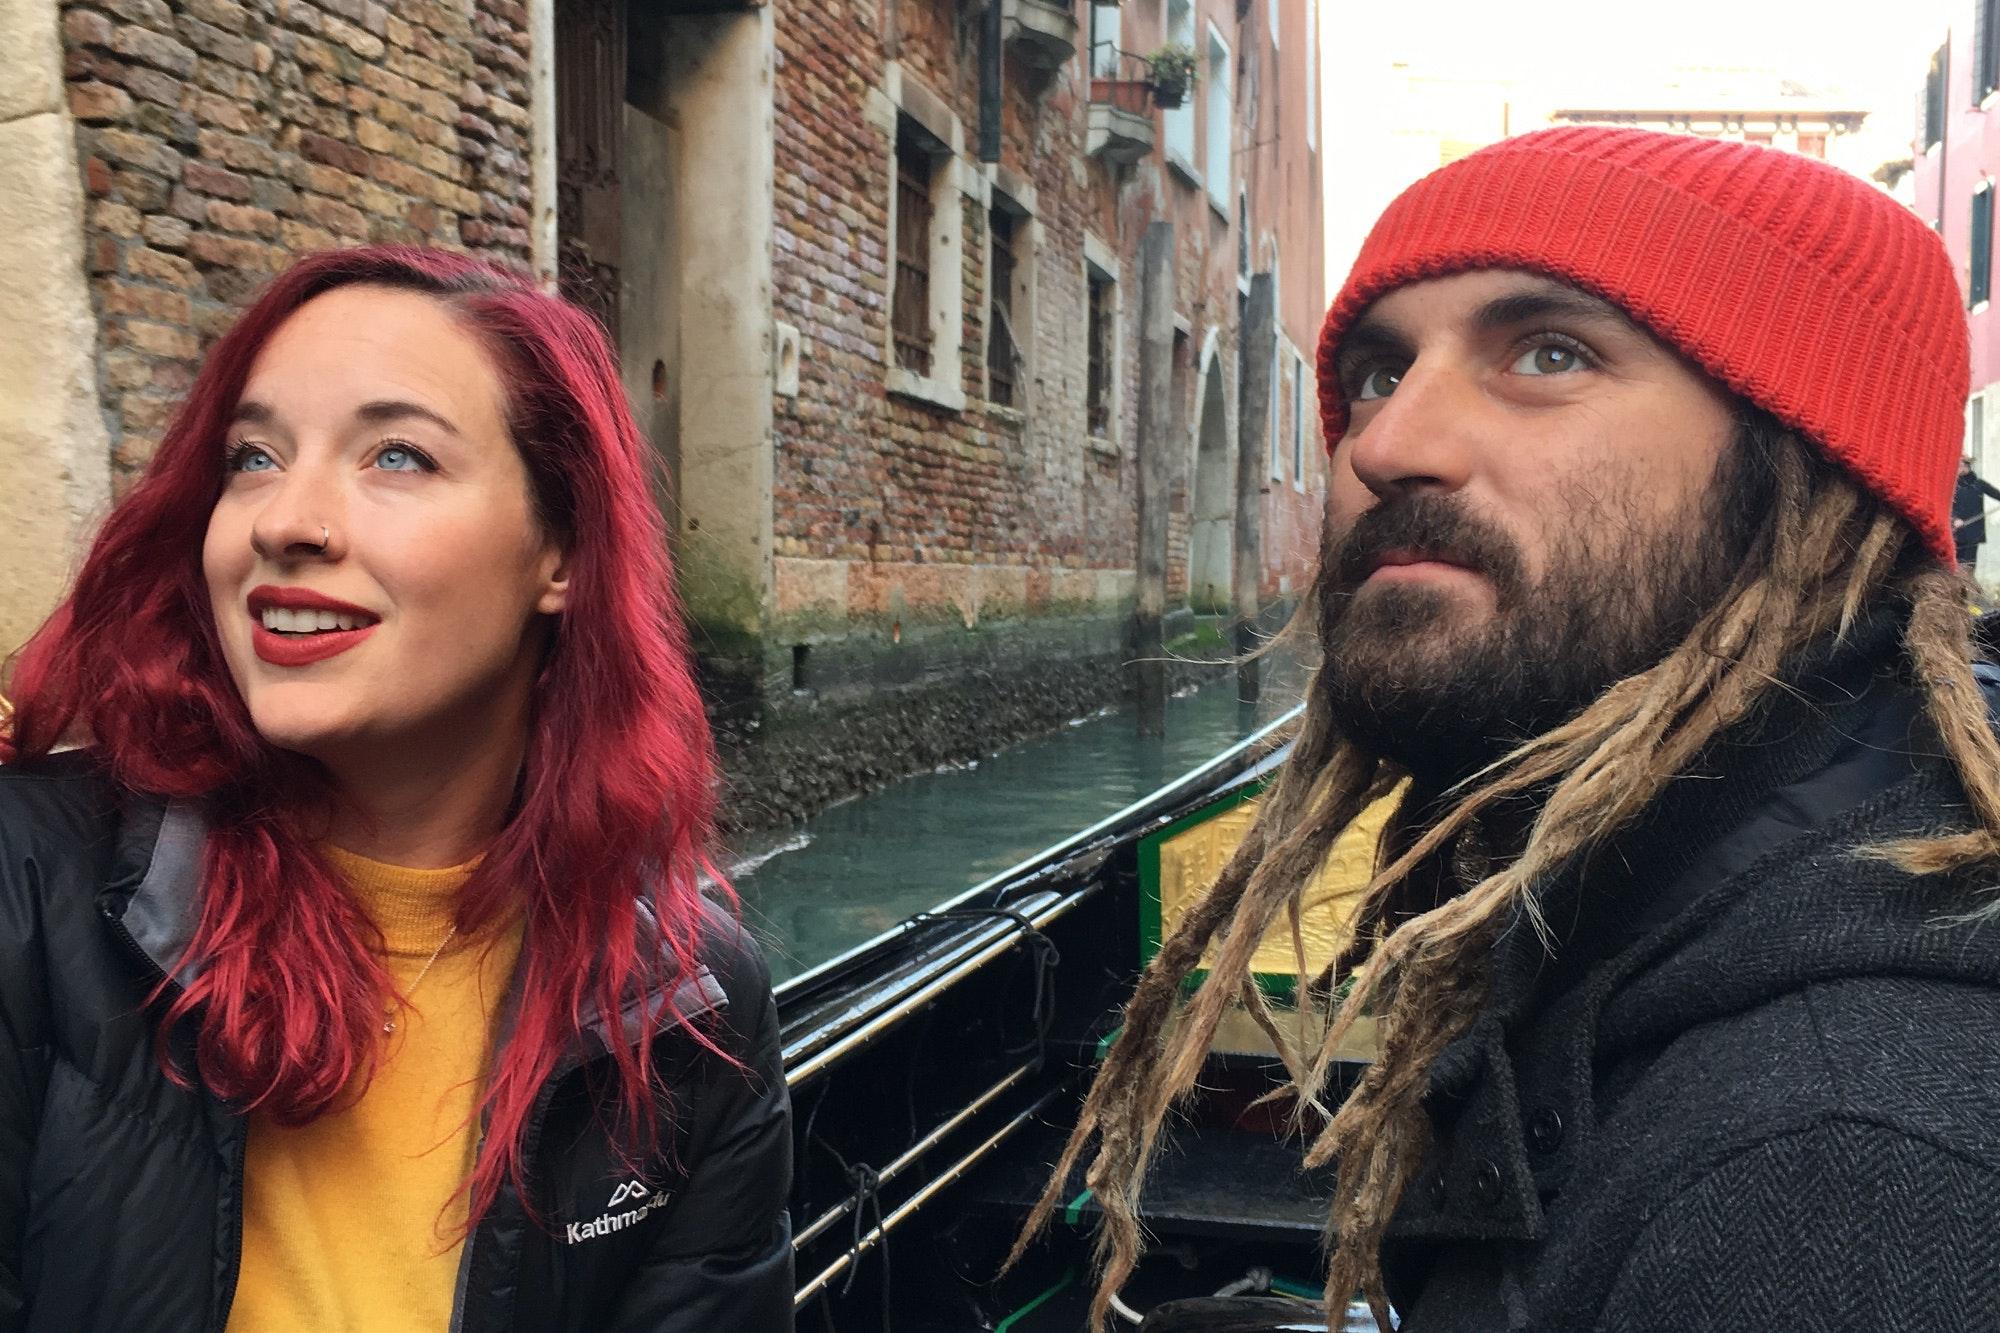 Pathfinders spotlight: Kelsey and Peter, Travelin' Fools